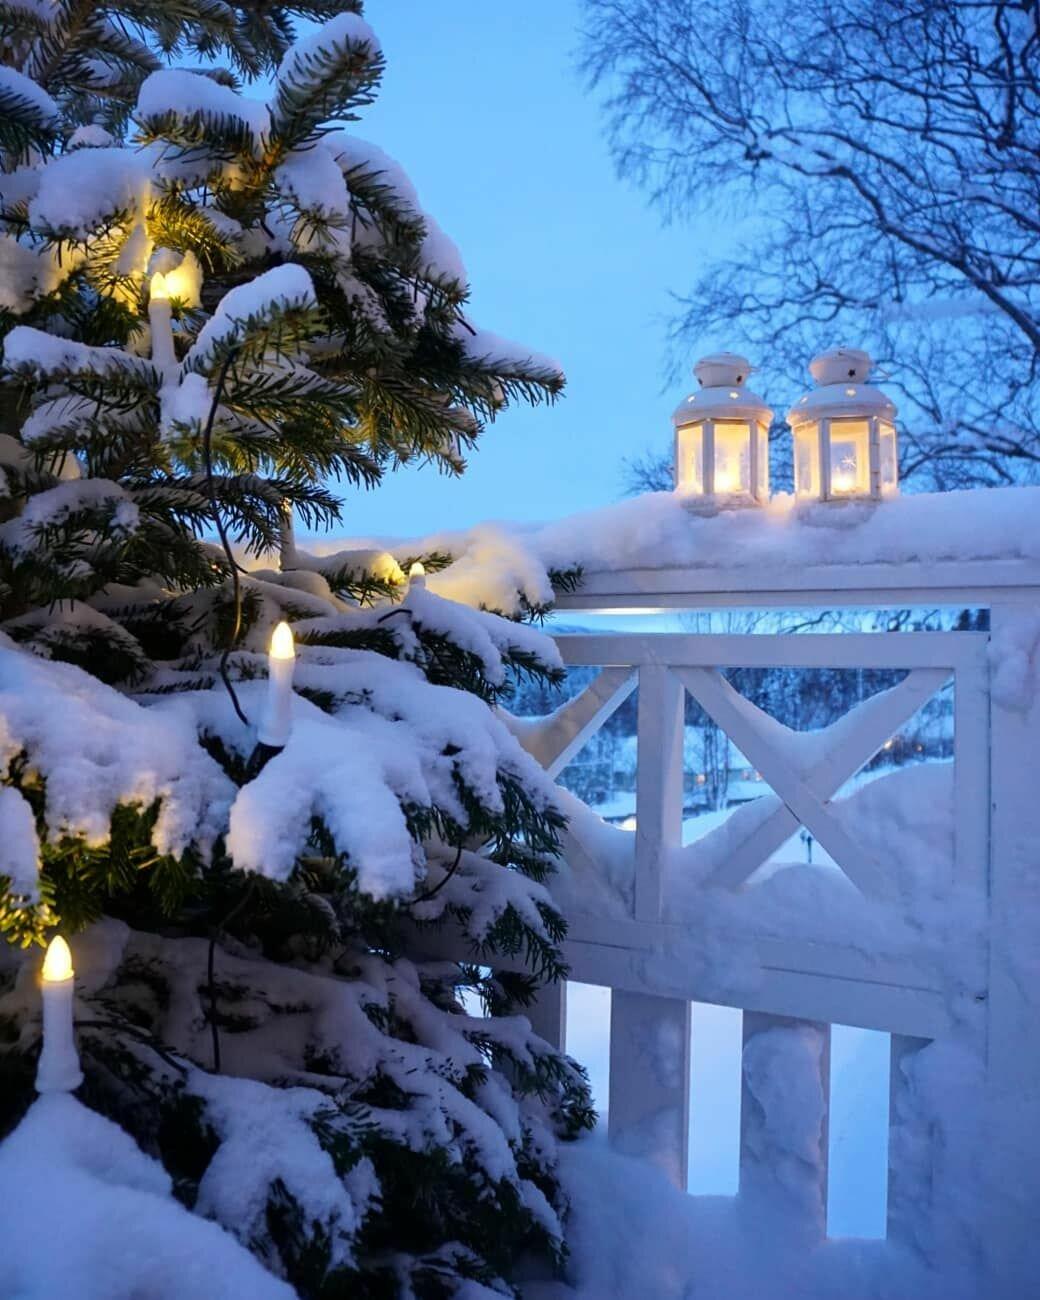 утопает зимнее волшебство картинки осталась стороне